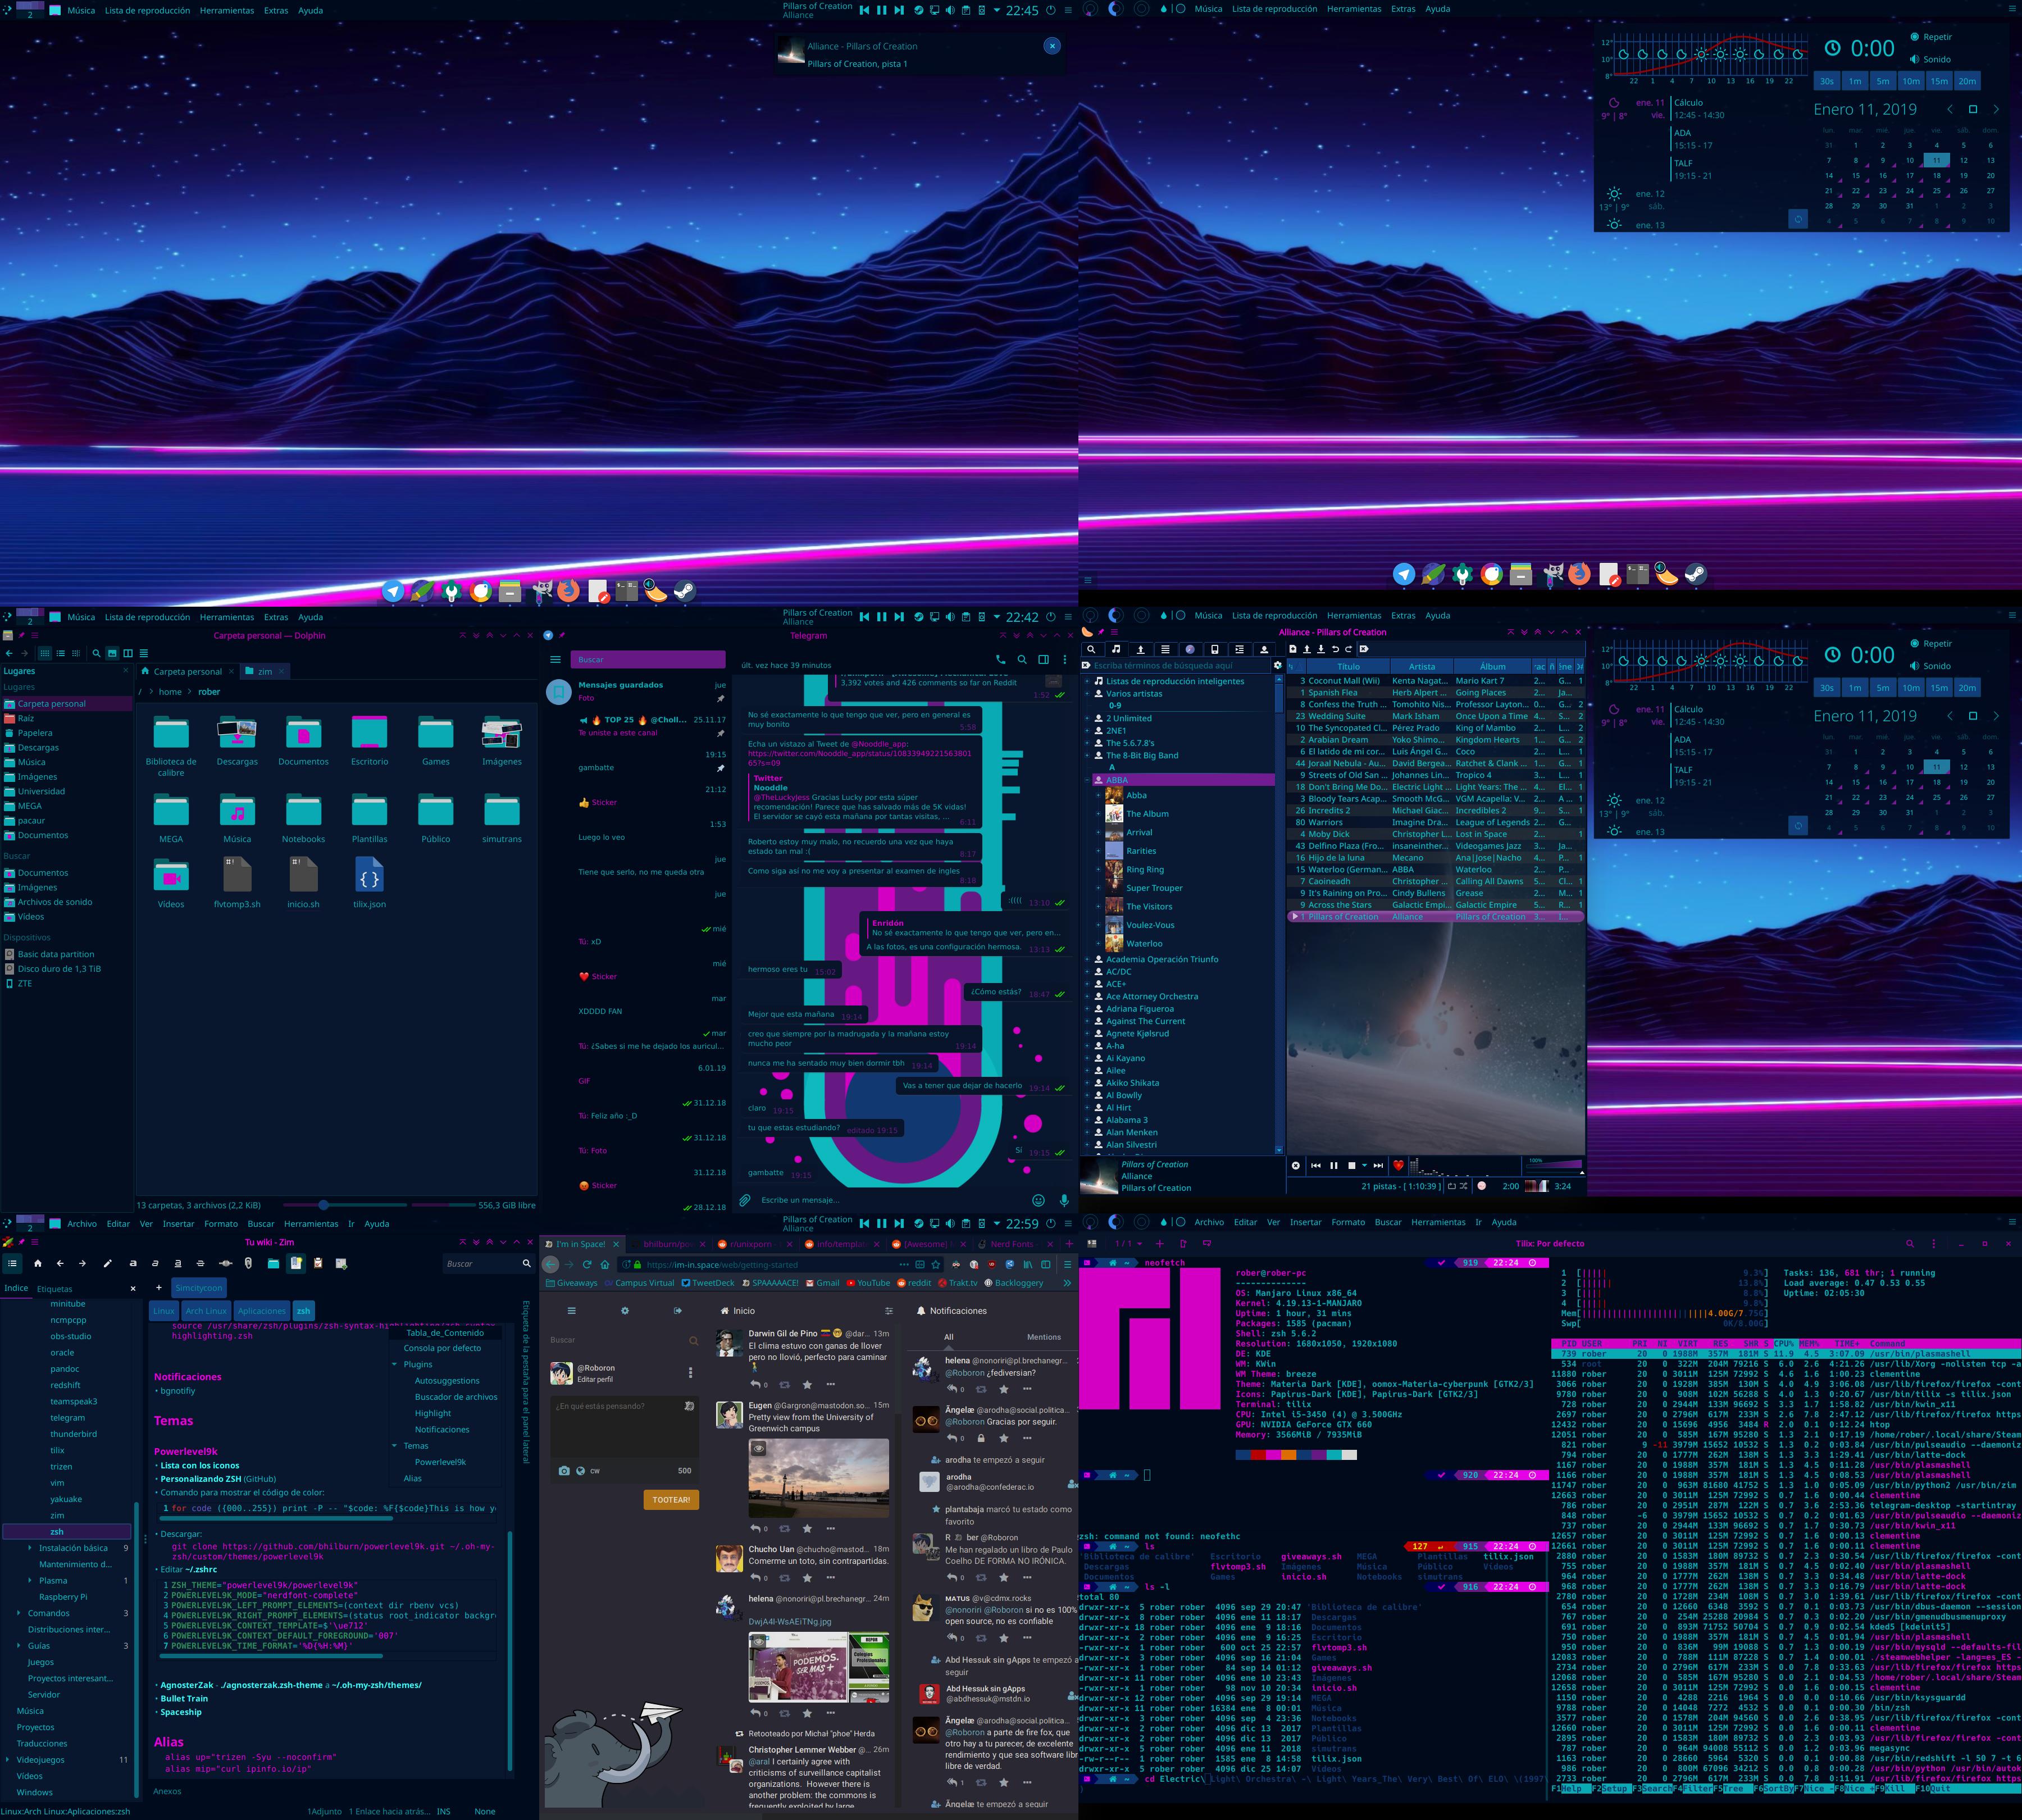 KDE Plasma Cyberpunk Neon theme | Linux in 2019 | Cyberpunk